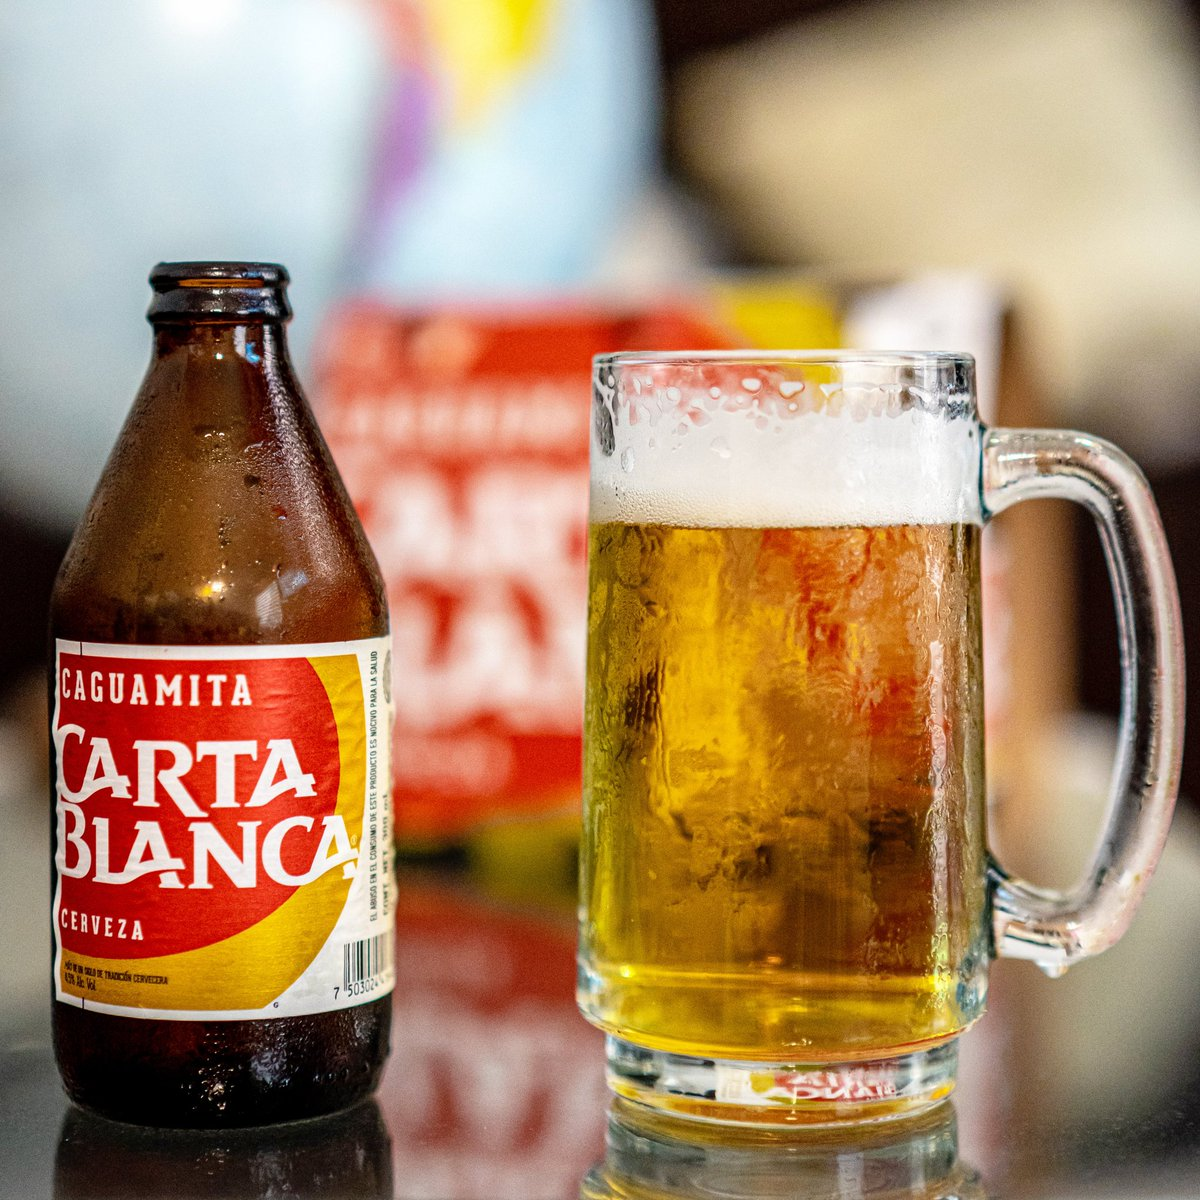 """Con una presentación que llama la atención, la """"Caguamita"""" de Carta blanca con 4.5% del alcohol en una botella de 300ml, una cerveza a buen precio, una de las primeras cervezas de México, se recomienda beber bien fría. Muchos le hacen el """"feo"""", ¿A ti que te parece? #CartaBlanca https://t.co/4bgzYfwCdN"""